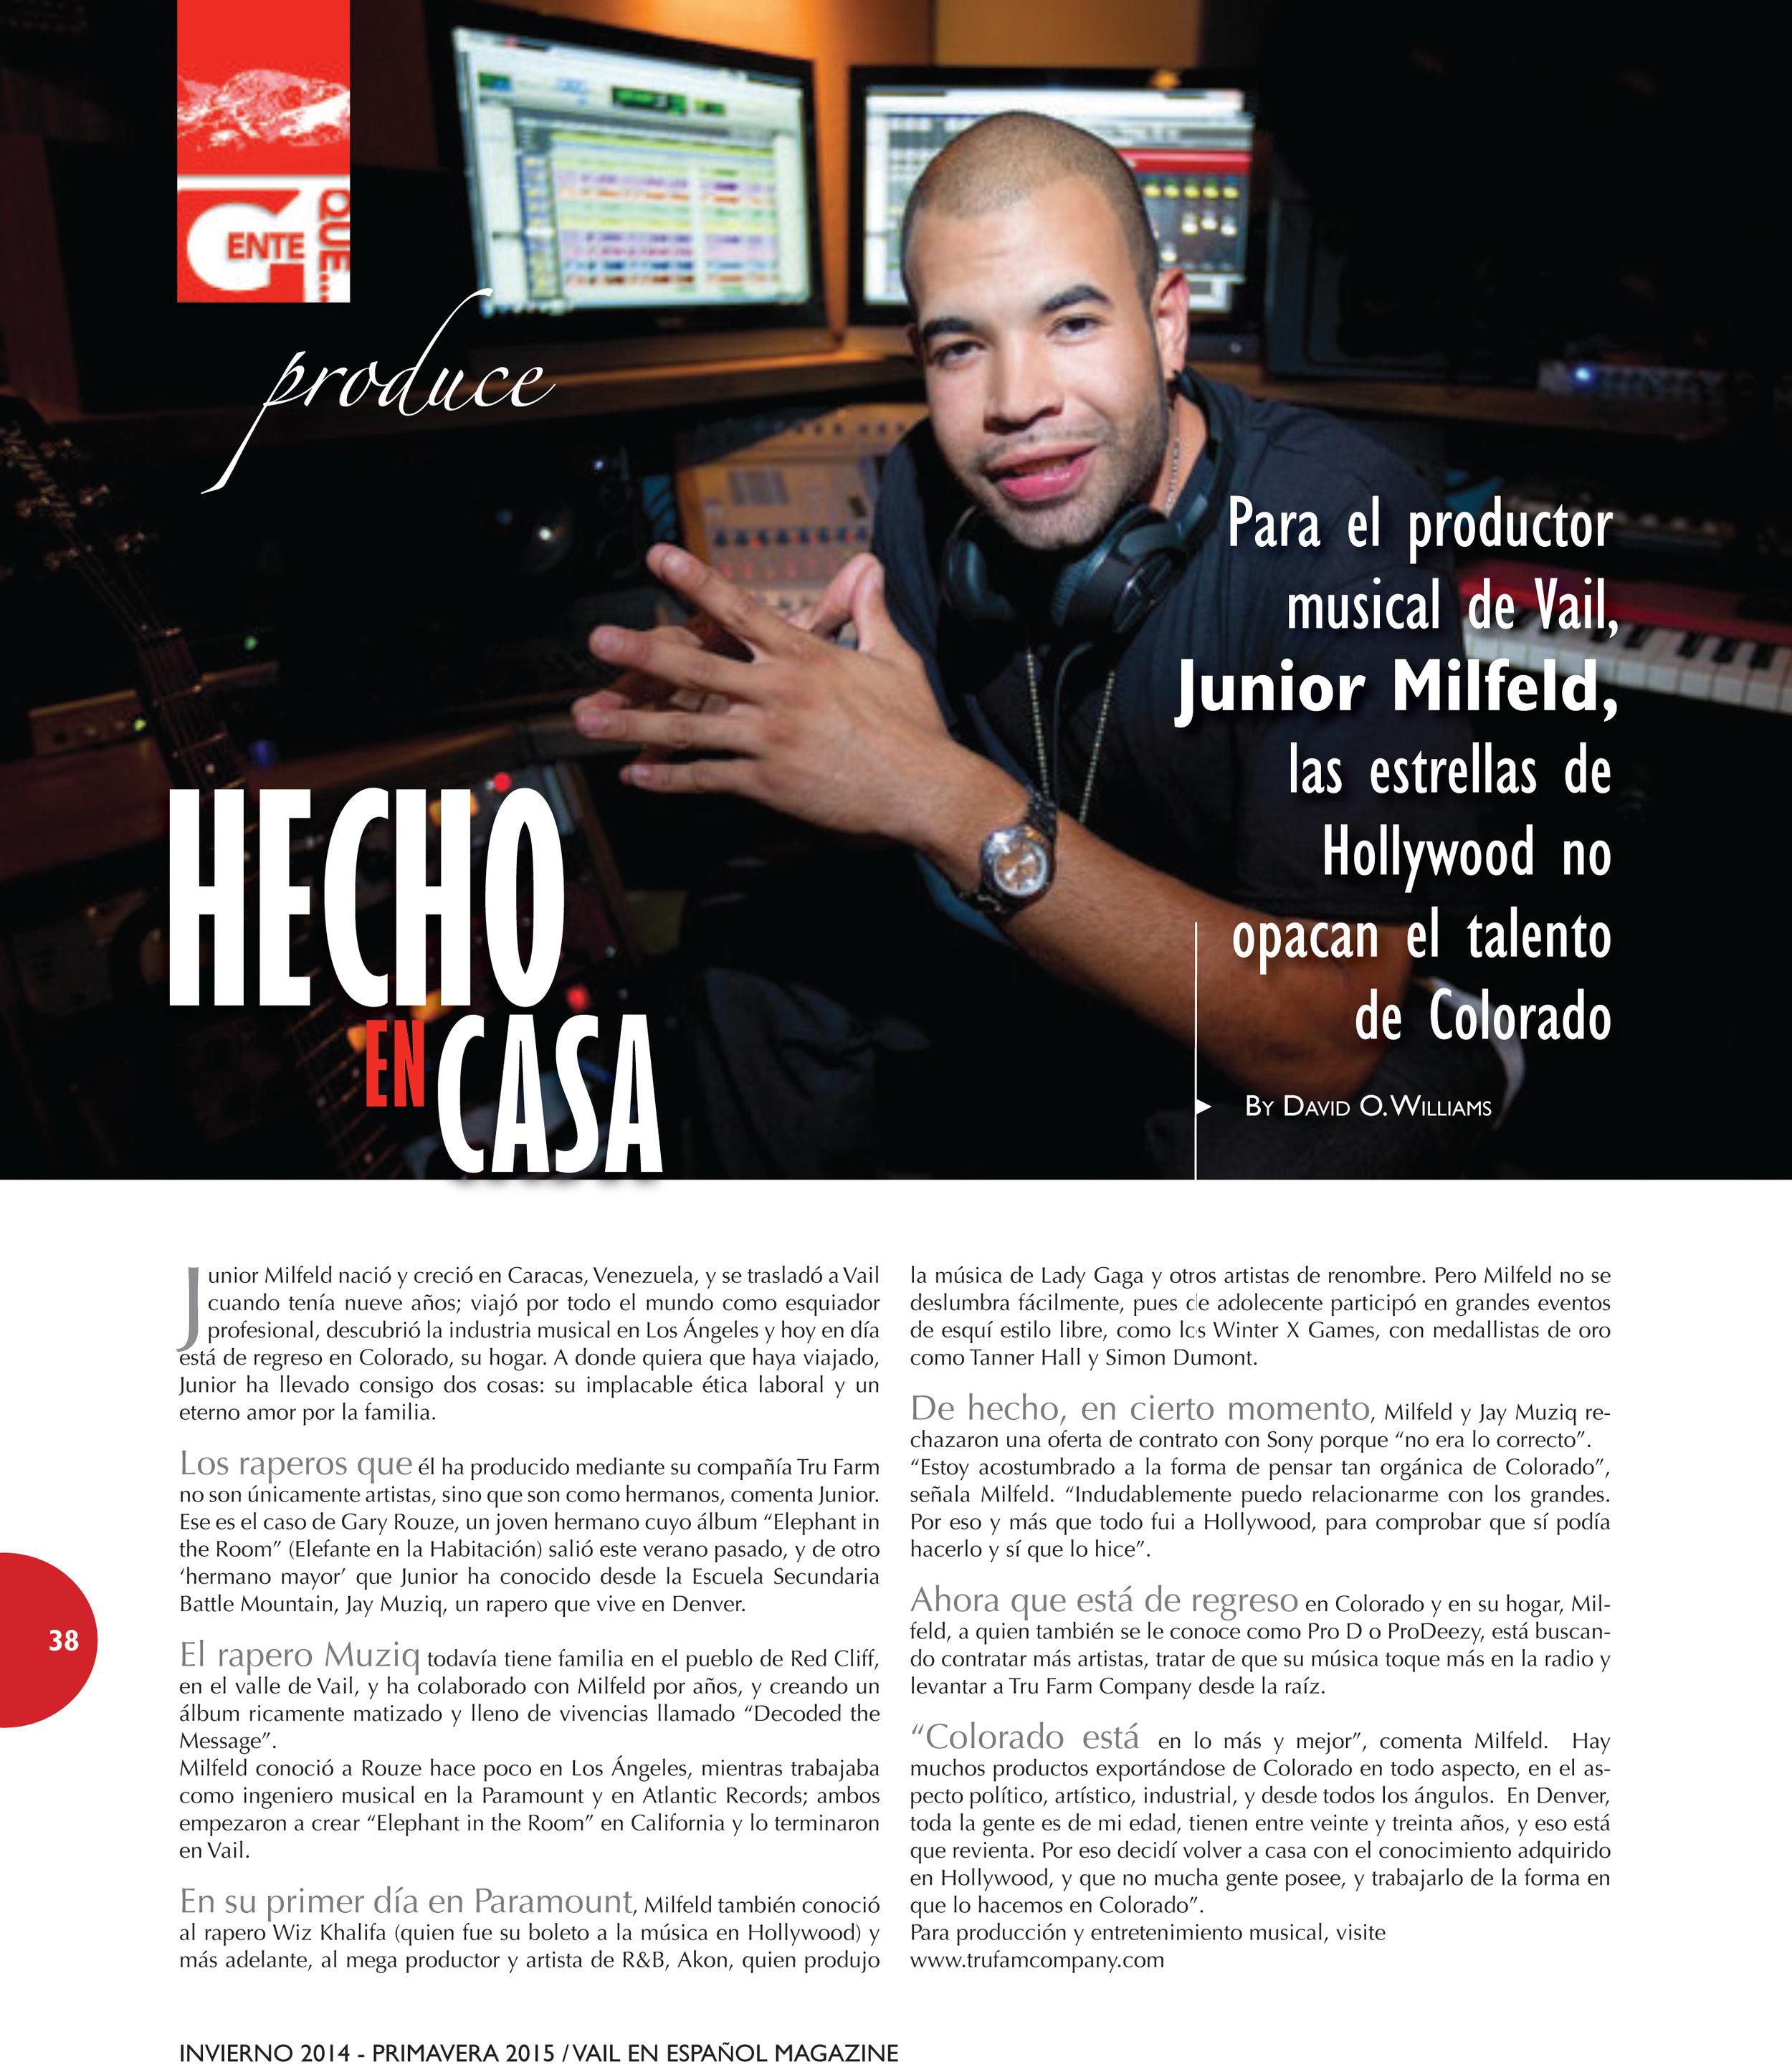 Prodeezy on Vail en Espanol Magazine_2015.jpg